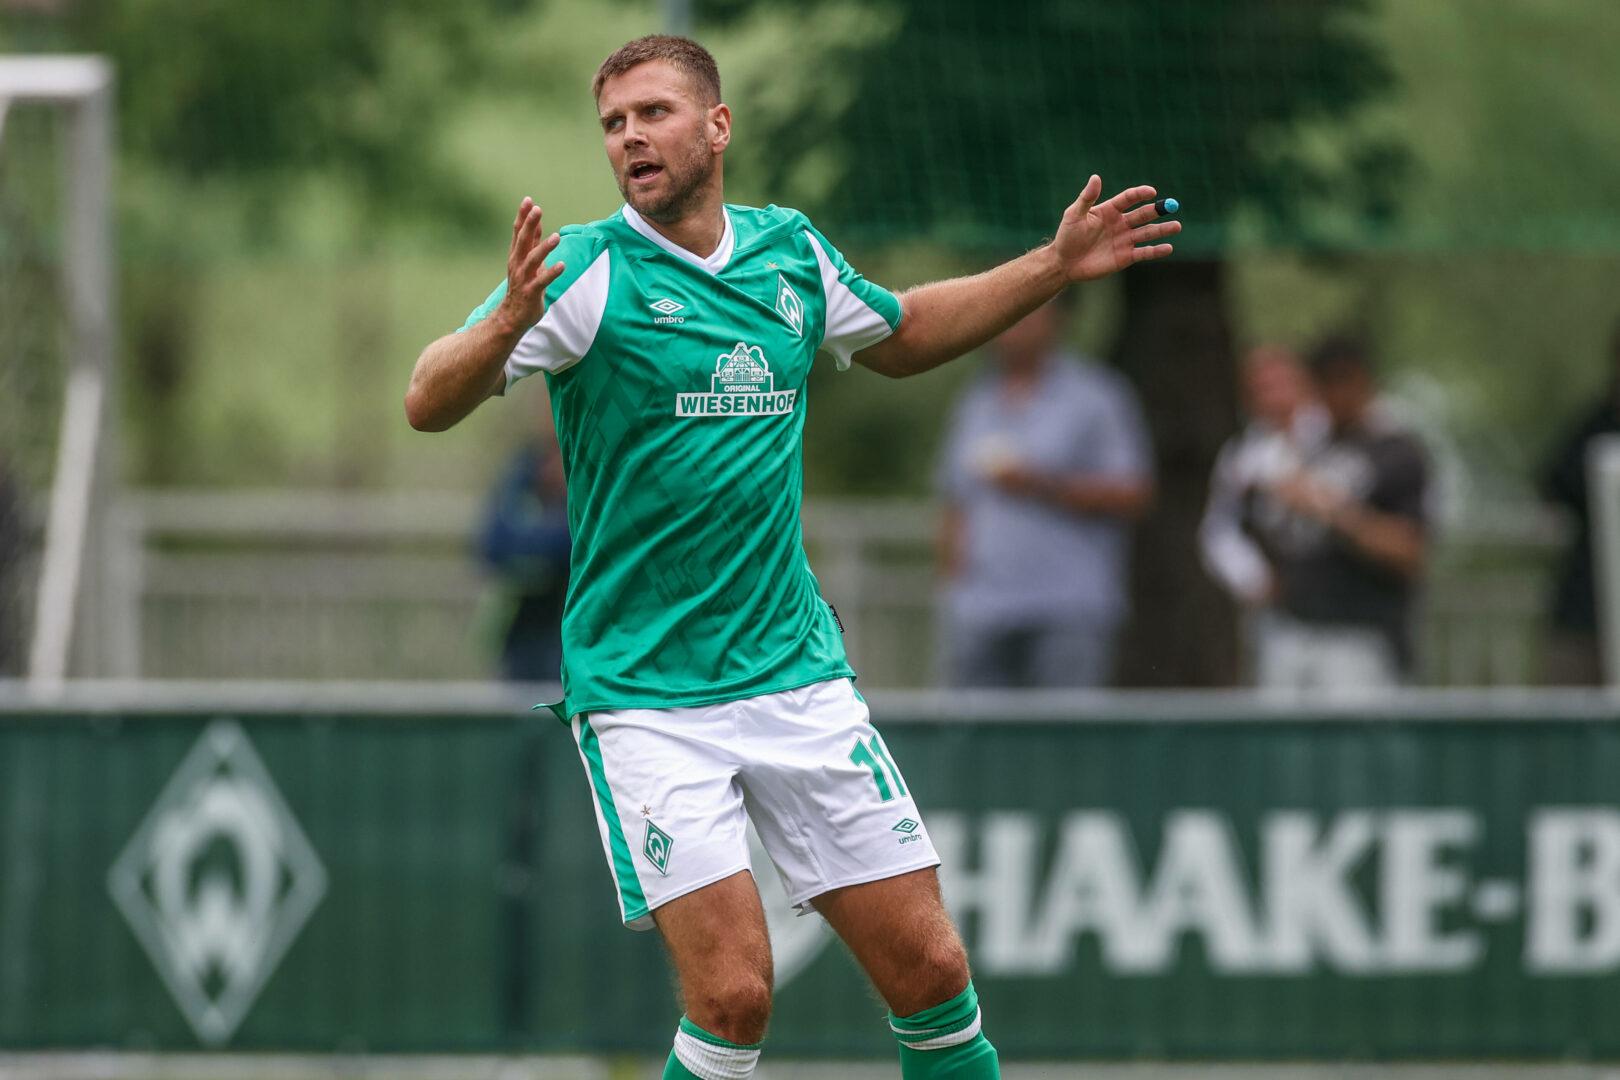 Verstoß gegen Anti-Doping-Richtlinien: Strafe für Werder und Füllkrug